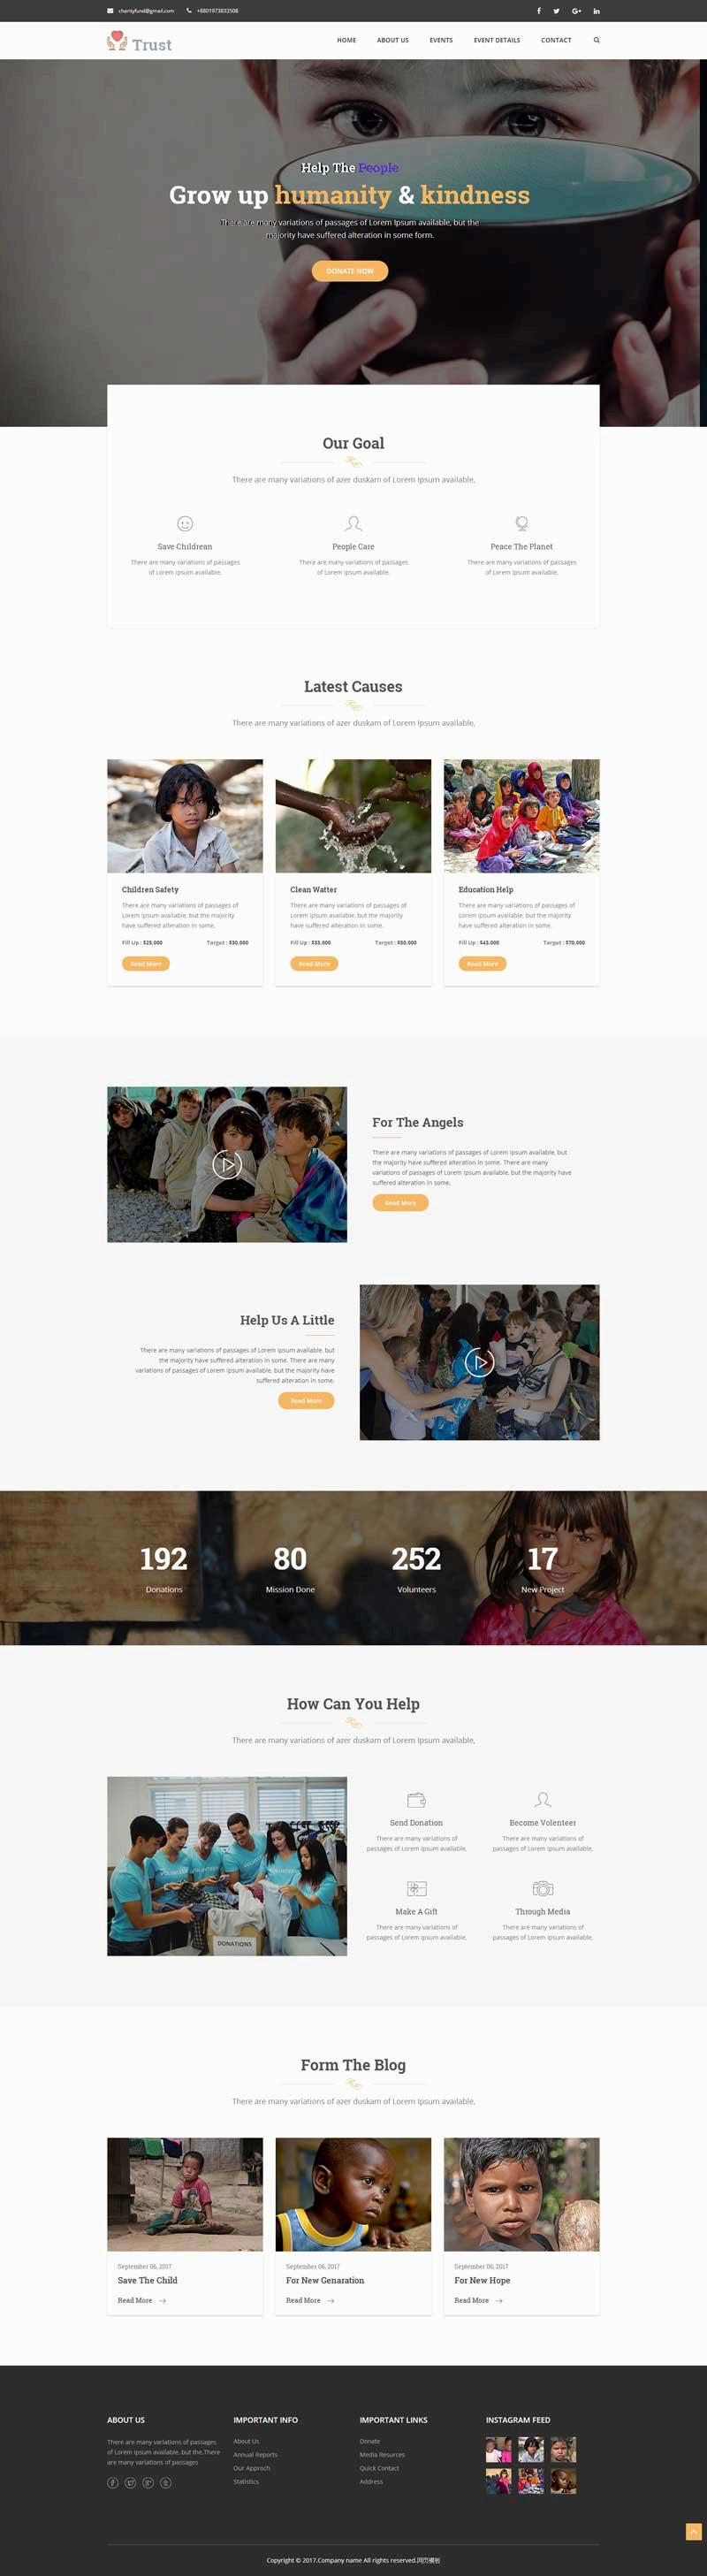 儿童公益众筹网站模板html下载